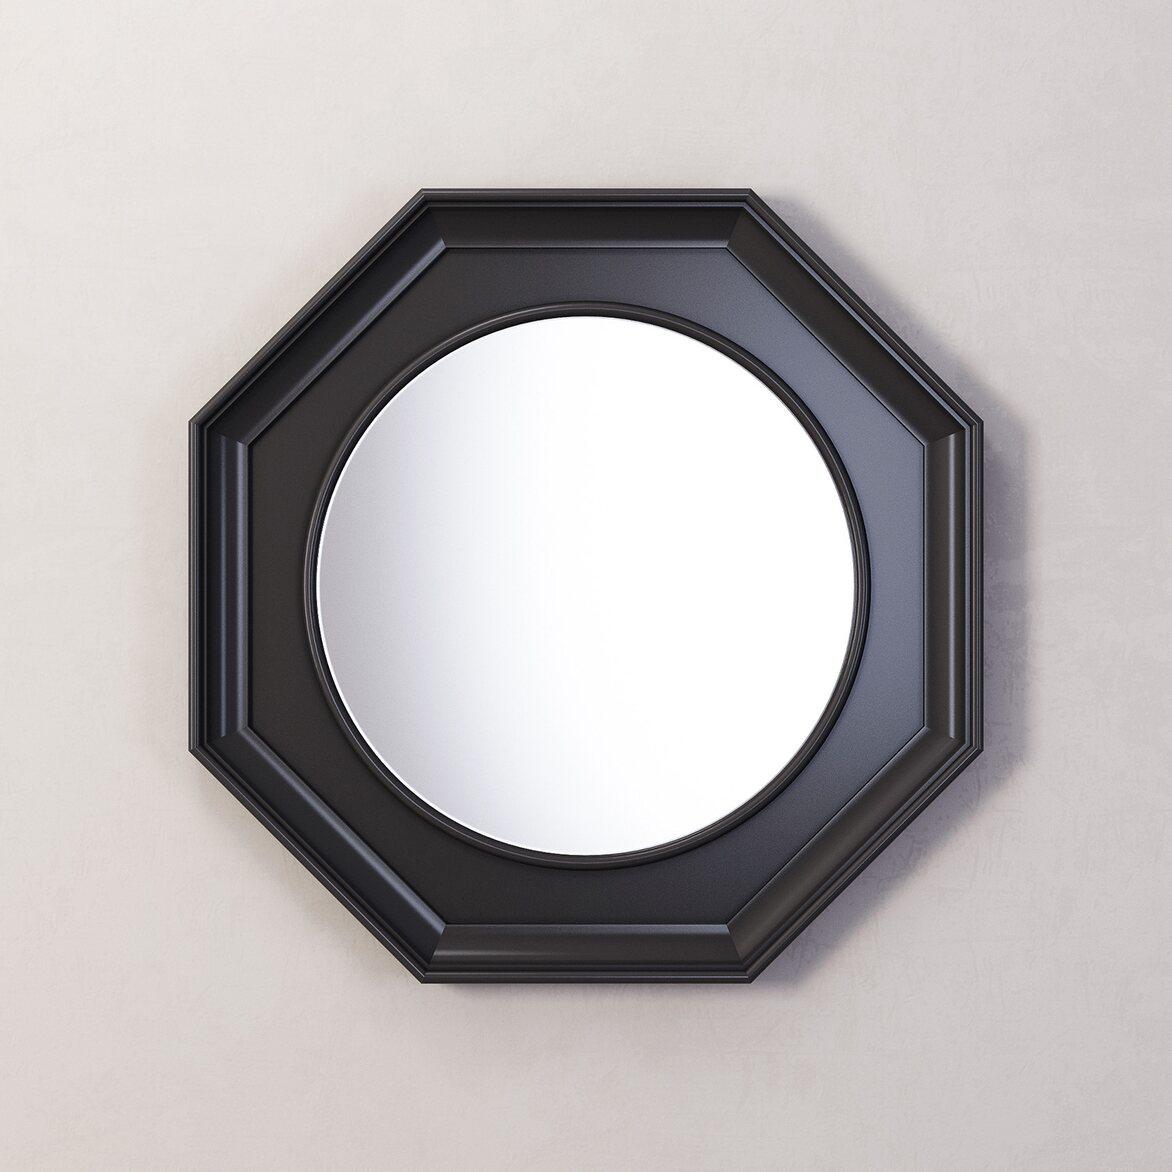 Зеркало Jersey, черное | Настенные зеркала Kingsby